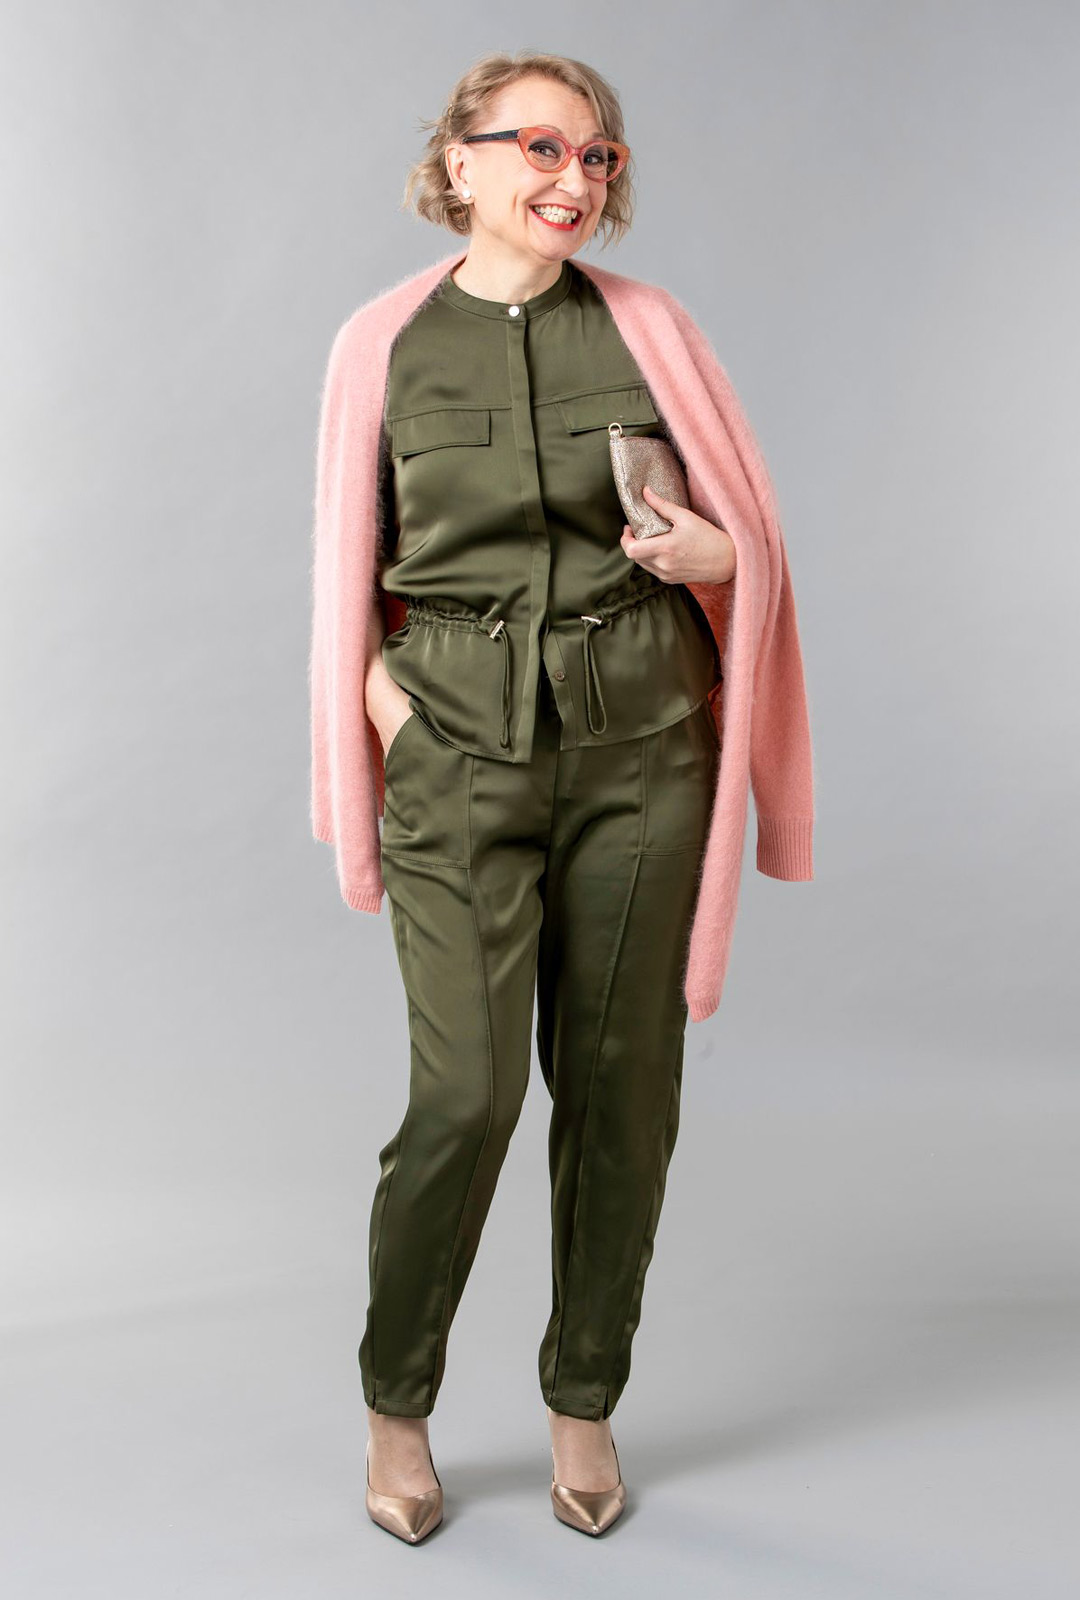 Vihreä jakkuhoususetti helpottaa pukeutumista, kun ei tarvitse miettiä osien yhteensopivuutta. Pukeutumalla samaan väriin näyttää myös visuaalisesti pidemmältä.